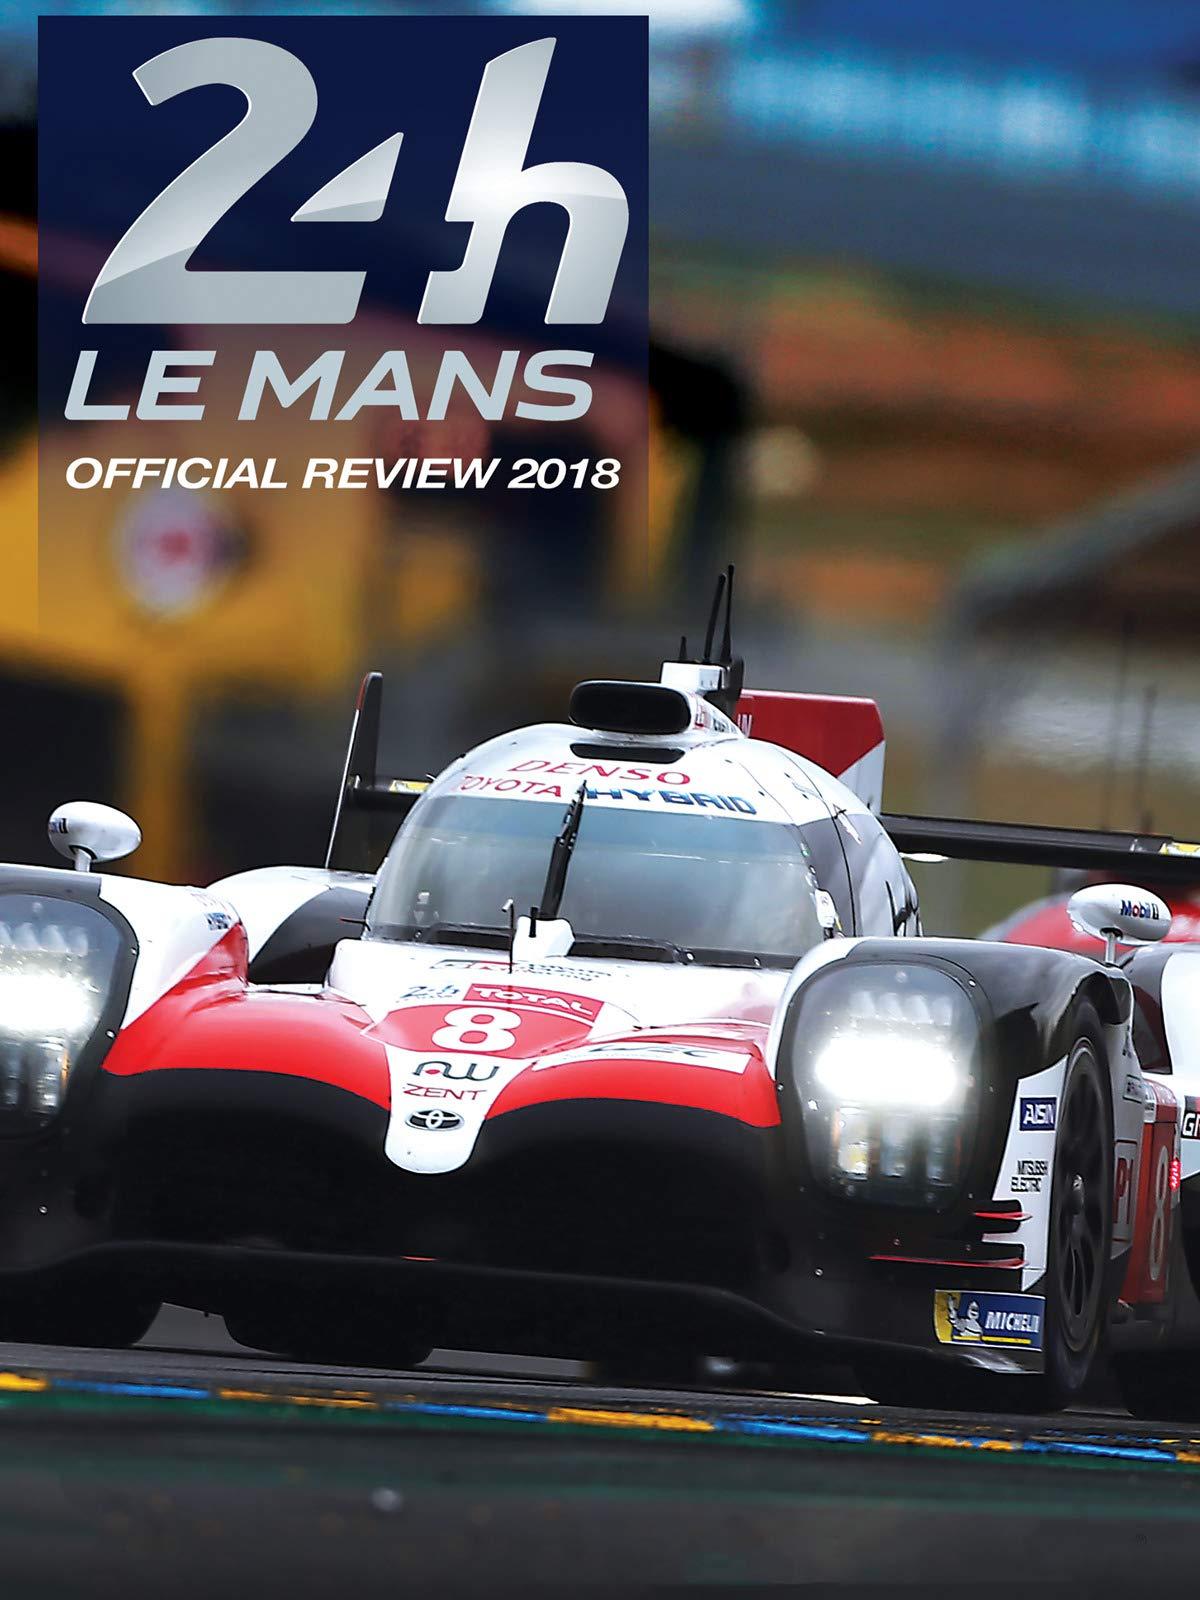 24h Le Mans Official Review 2018